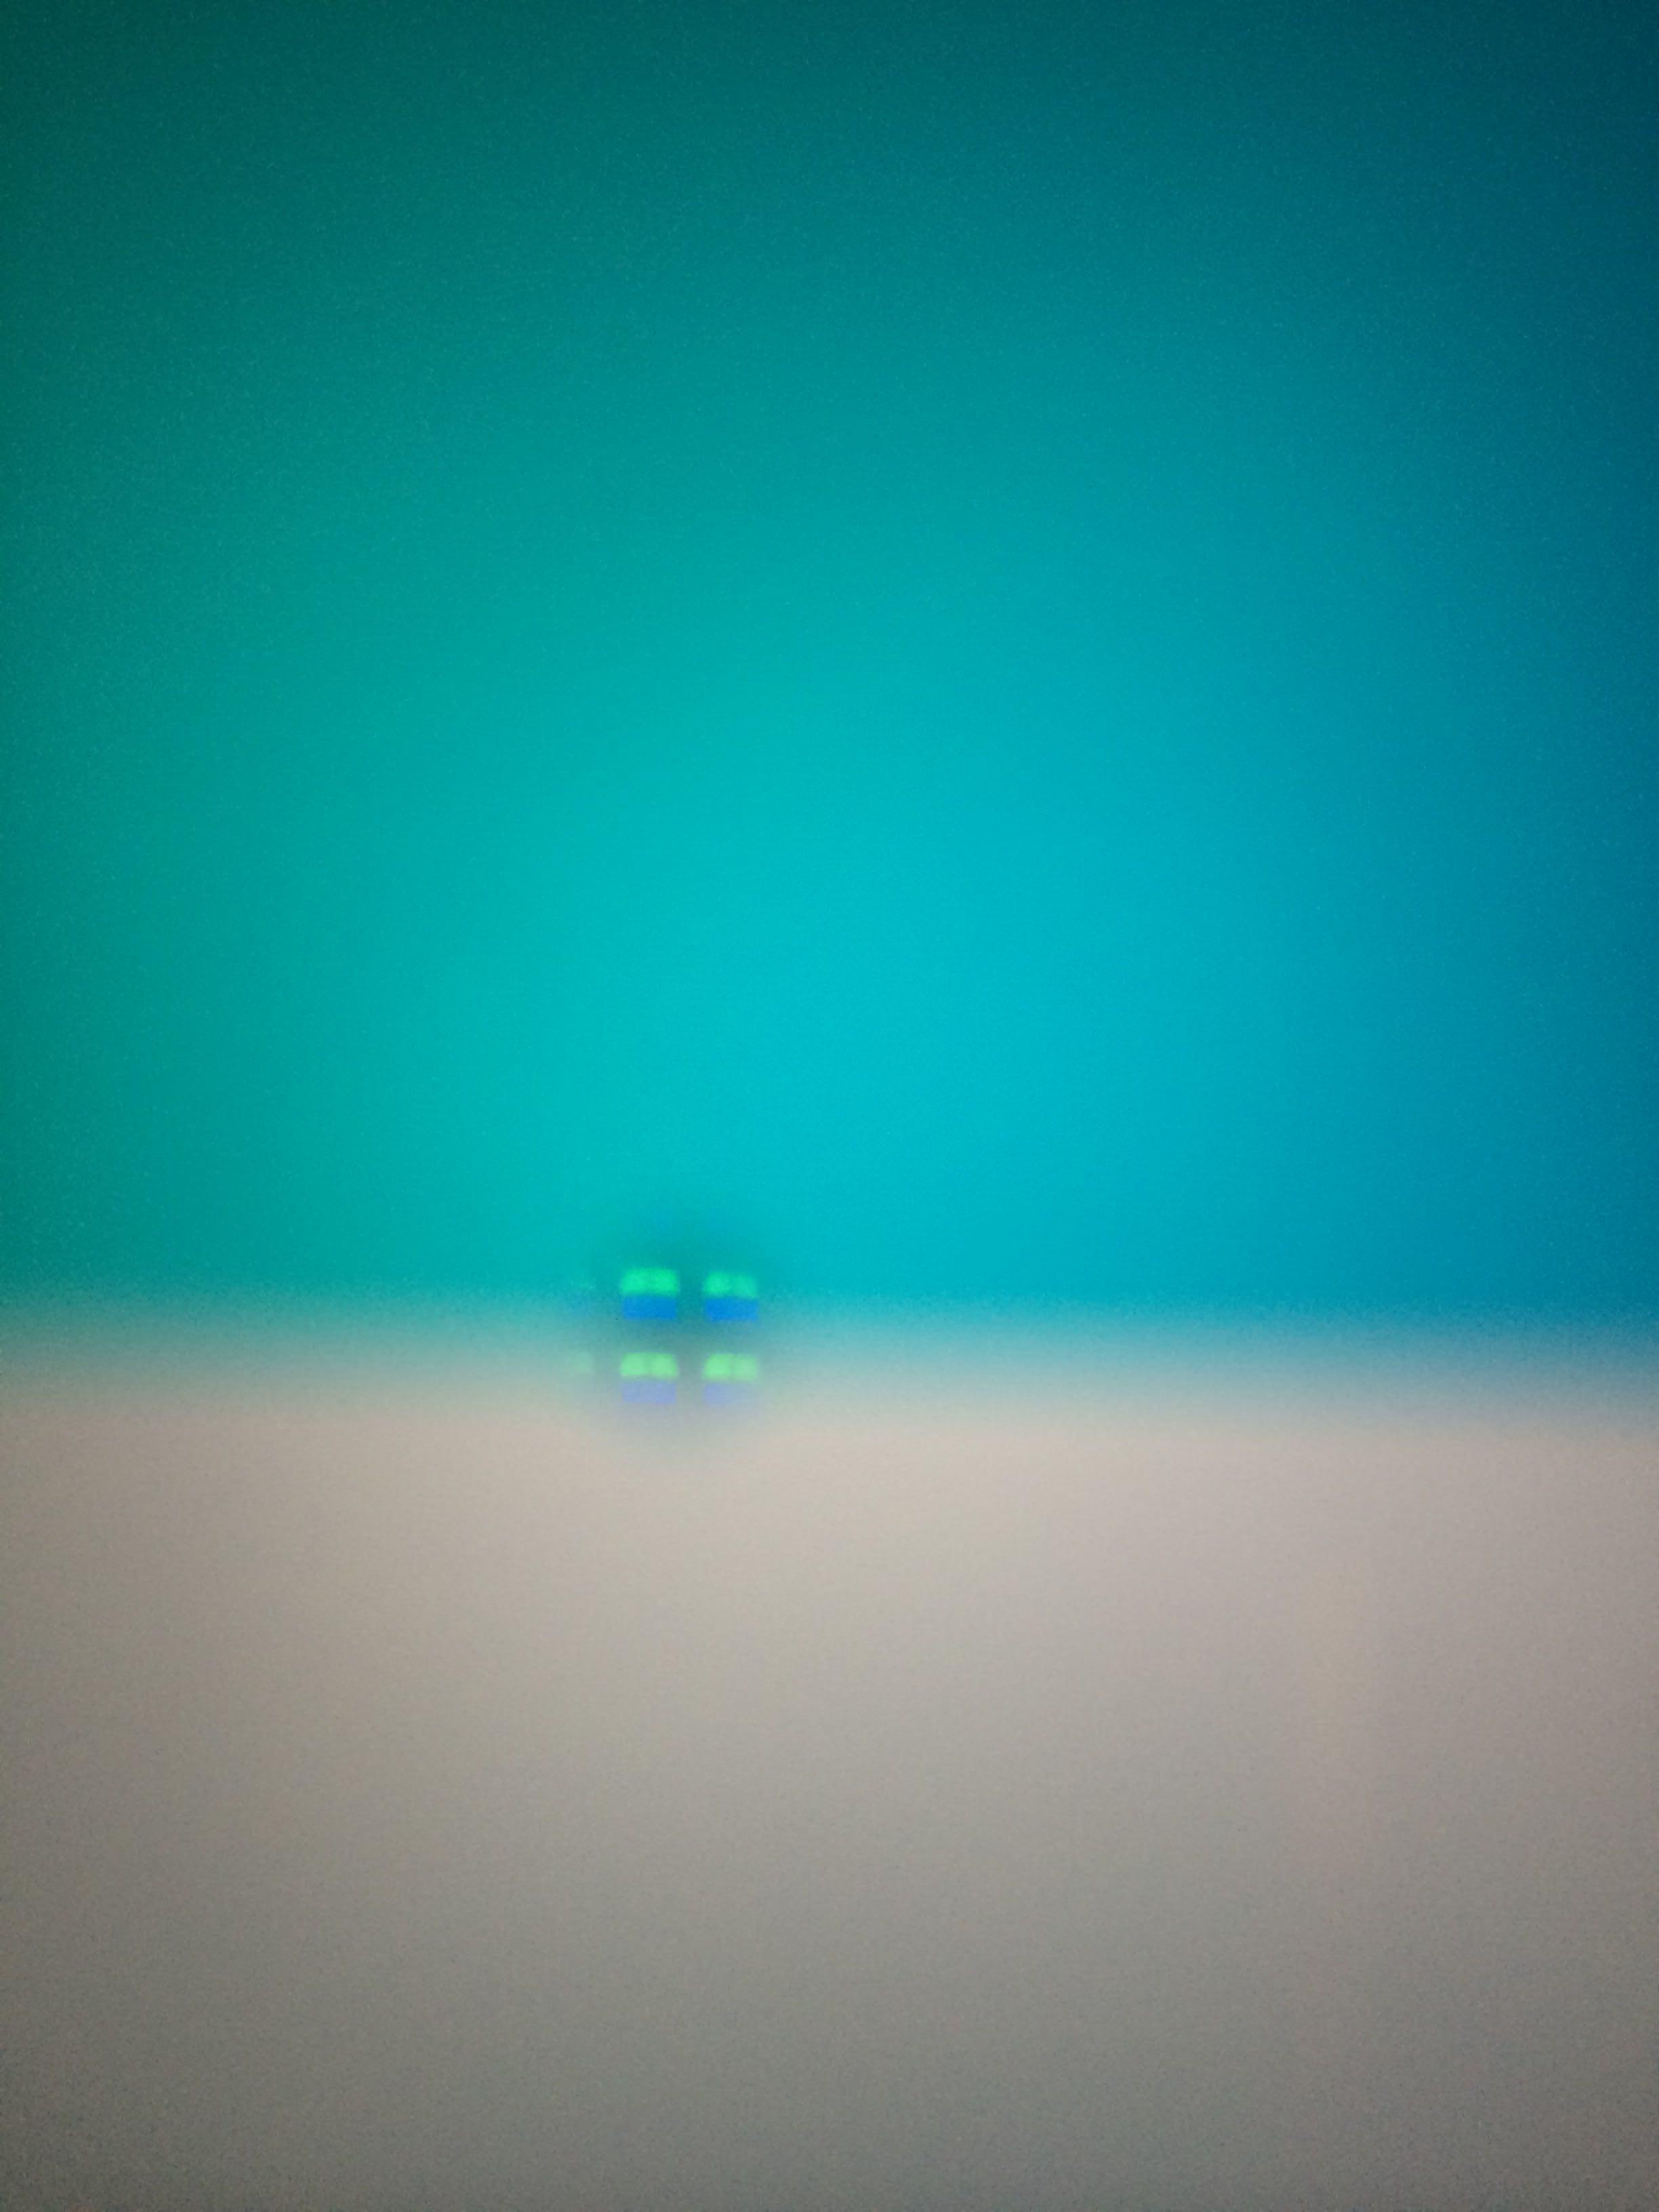 Apple iPad Air waterdrop display